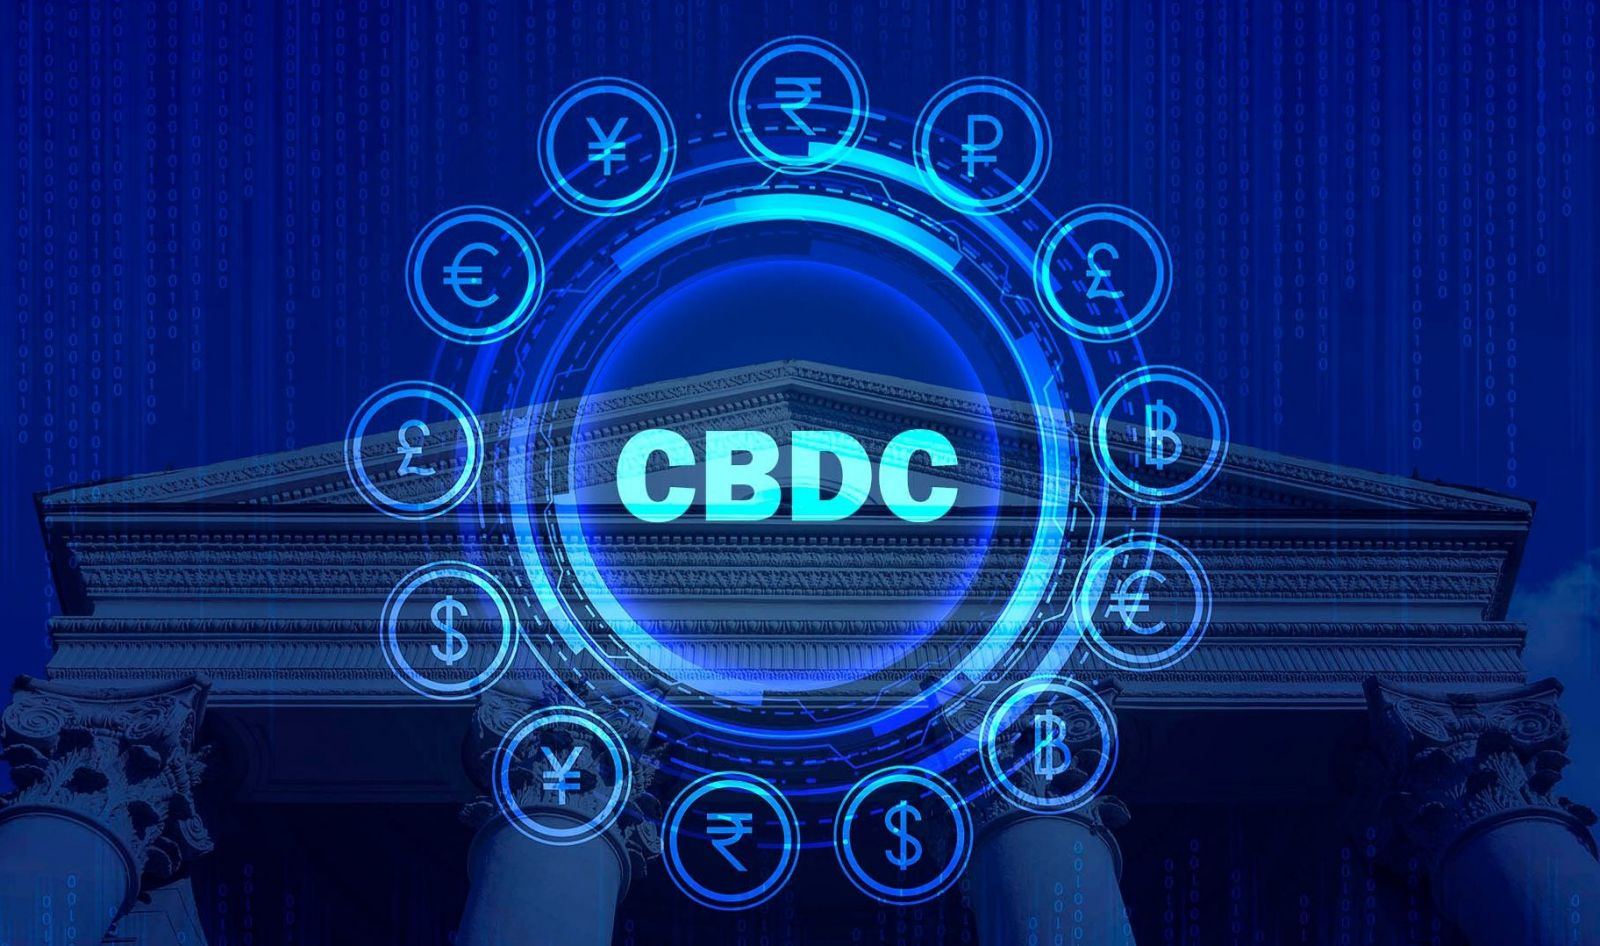 FED: Mỹ muốn phát hành CBDC để xoá bỏ cơ hội sử dụng tiền ảo trên đất Mỹ